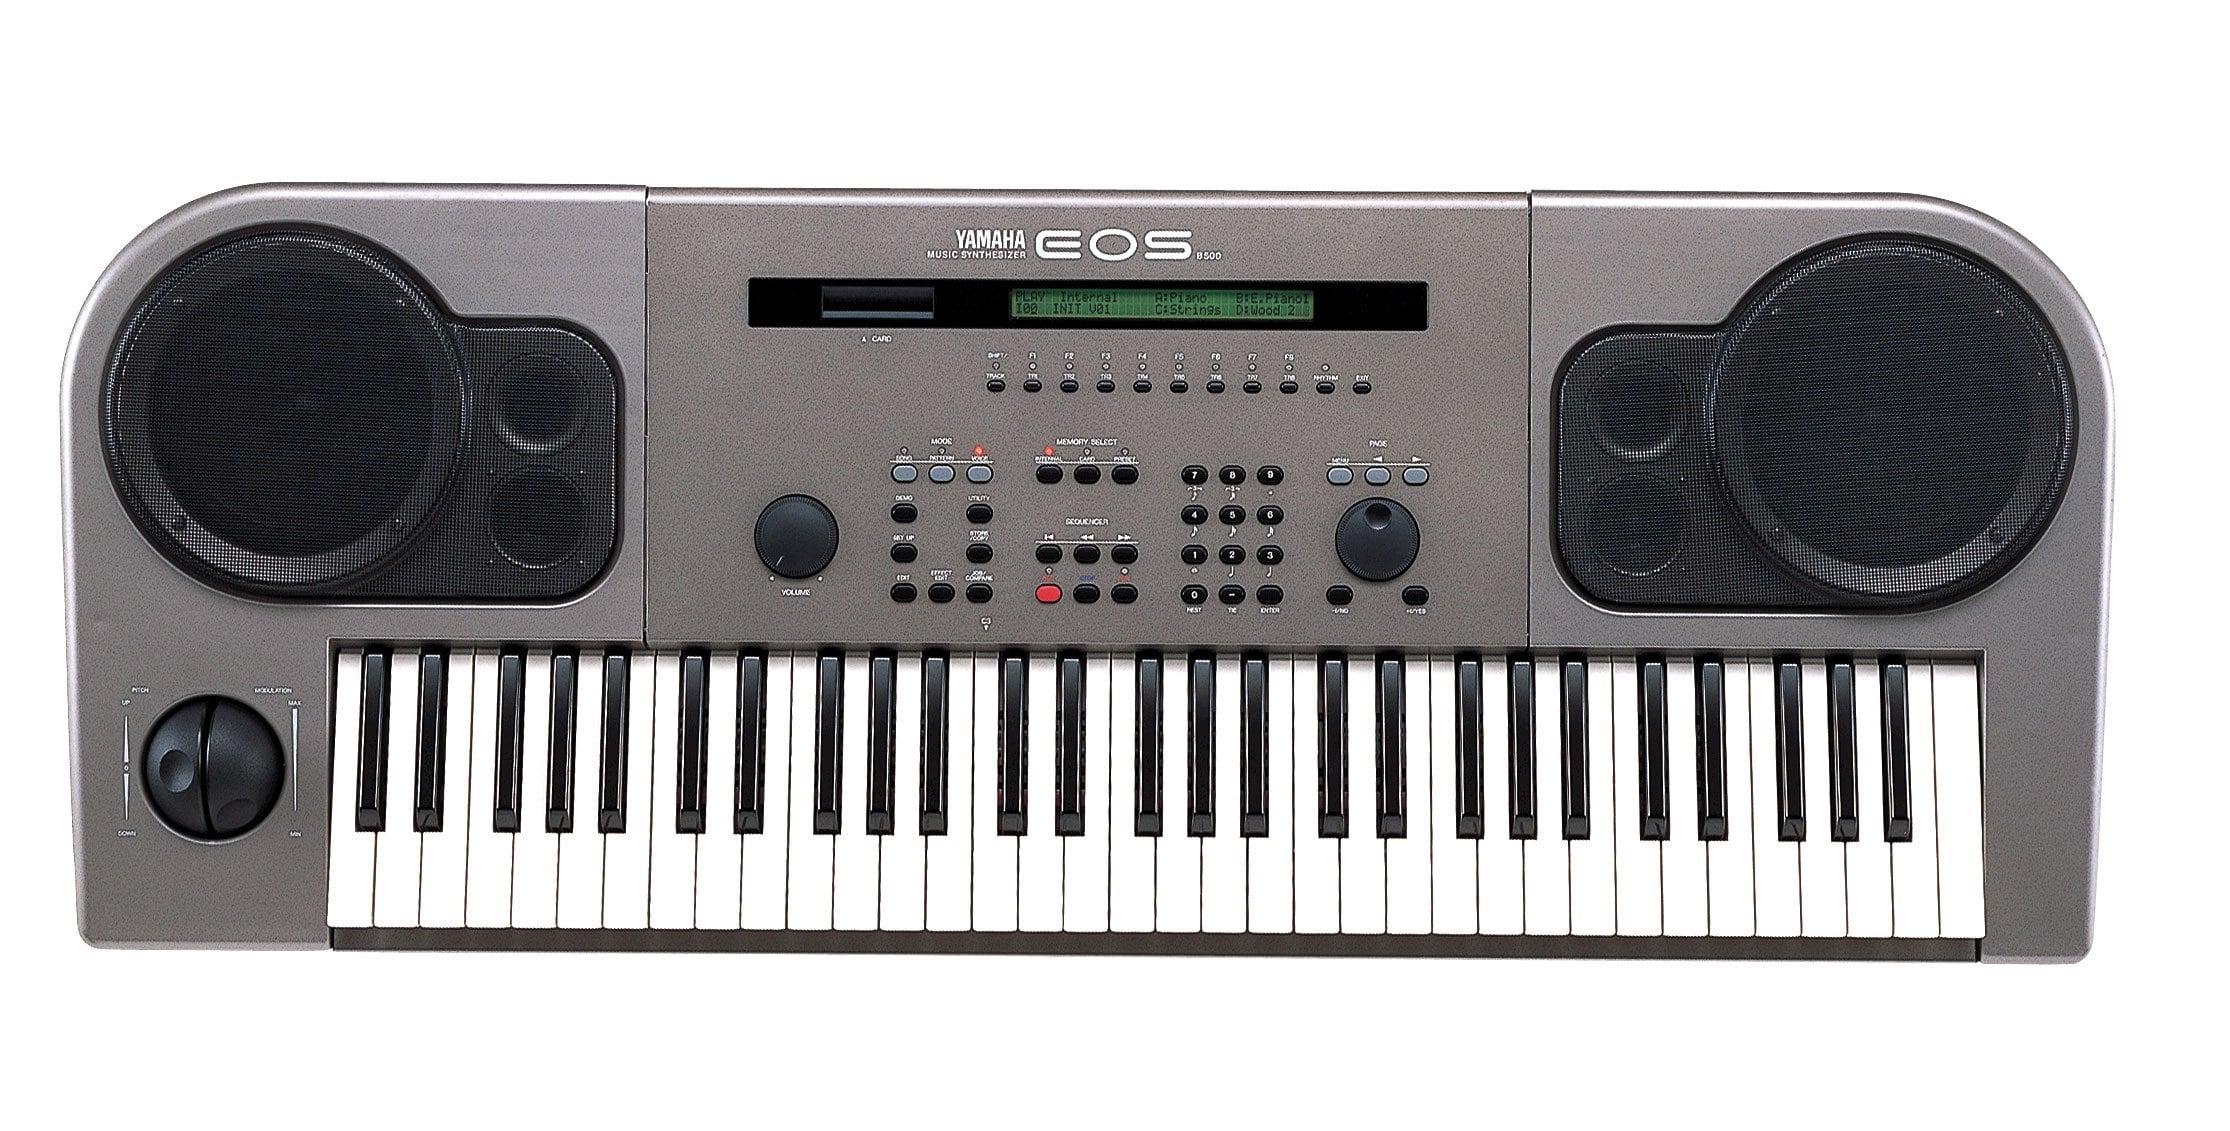 ヤマハ | EOS B500 - シンセサイ...